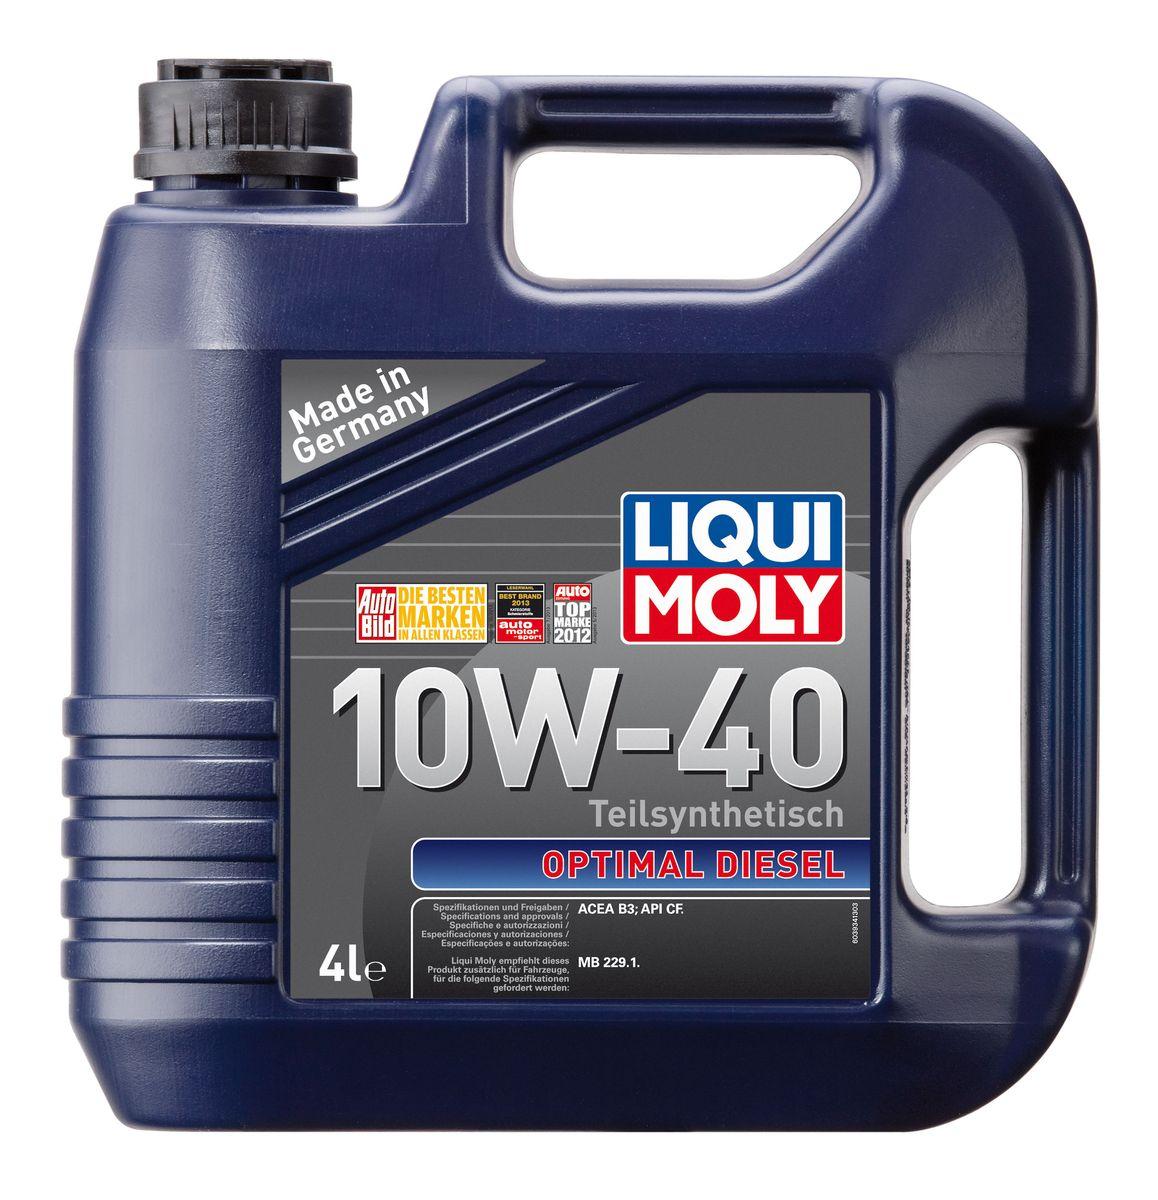 Масло моторное Liqui Moly Optimal Diesel, полусинтетическое, 10W-40, 4 л моторное масло mannol diesel extra 10w 40 для дизельных двигателей 5 л полусинтетическое